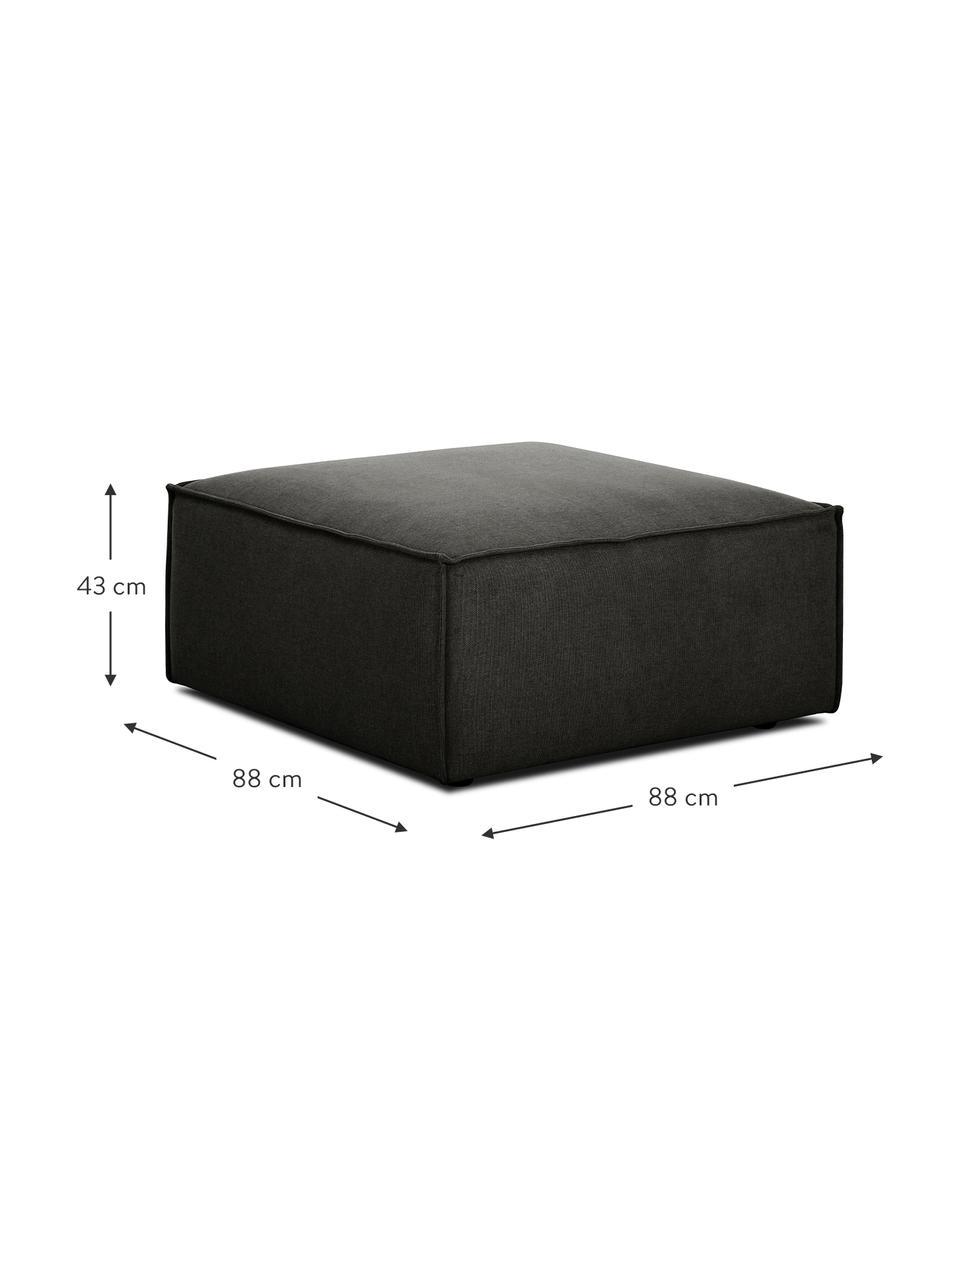 Poggiapiedi da divano in tessuto antracite Lennon, Rivestimento: 100% poliestere Il rivest, Struttura: legno di pino massiccio, , Piedini: materiale sintetico I pie, Tessuto antracite, Larg. 88 x Alt. 43 cm